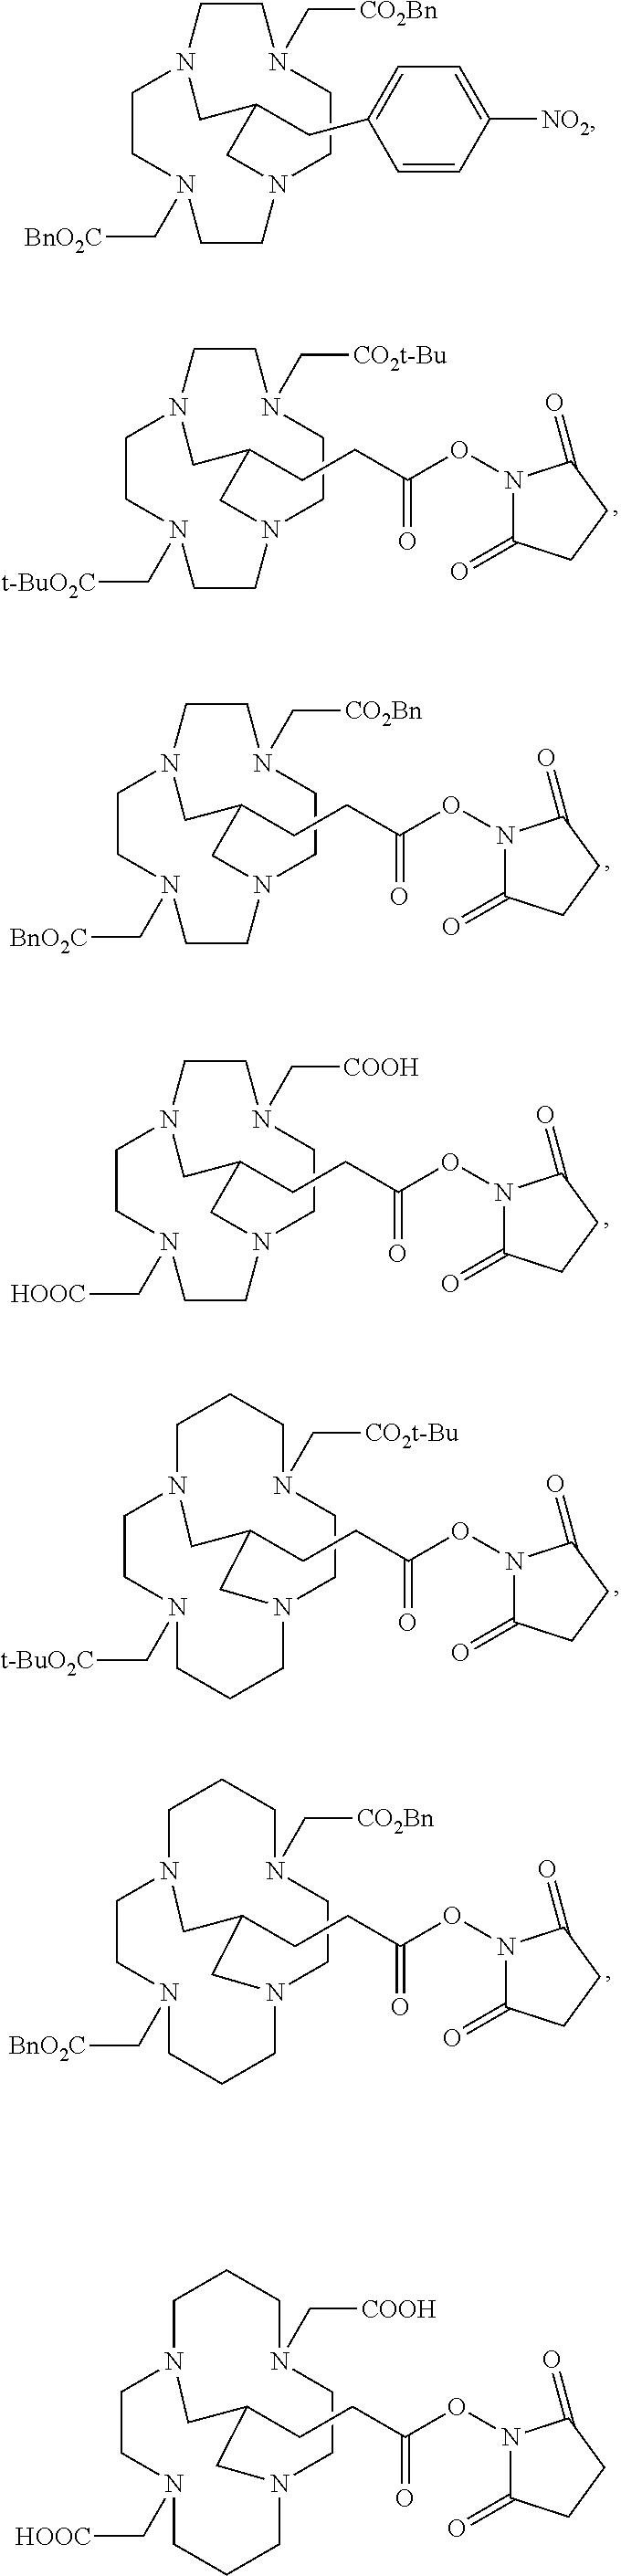 Figure US09353120-20160531-C00016